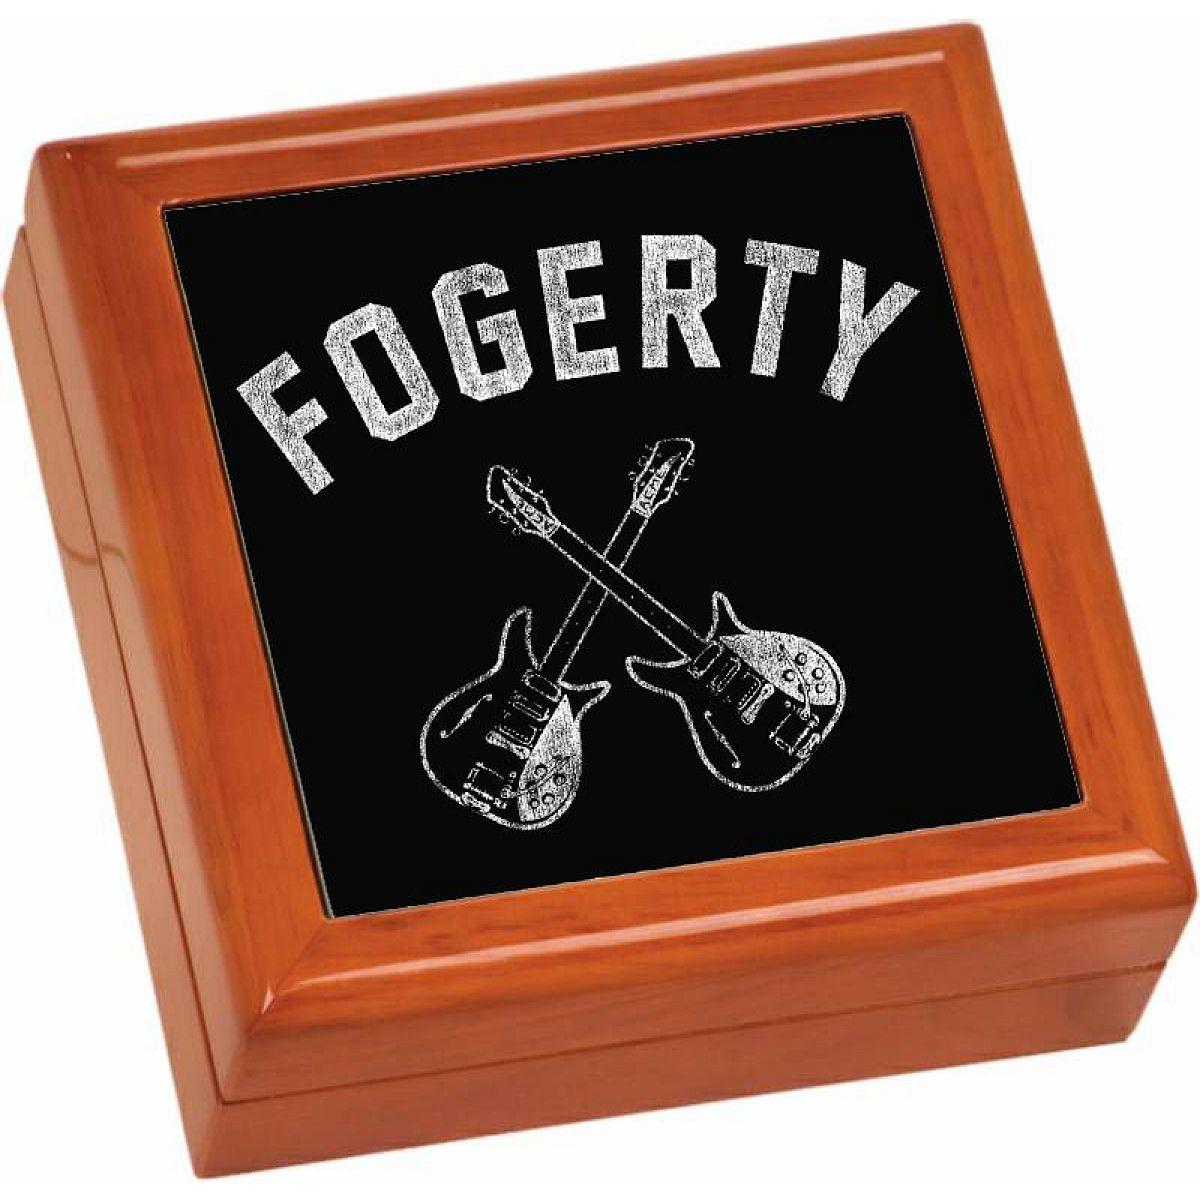 Crossed Guitars Wooden Keepsake Box